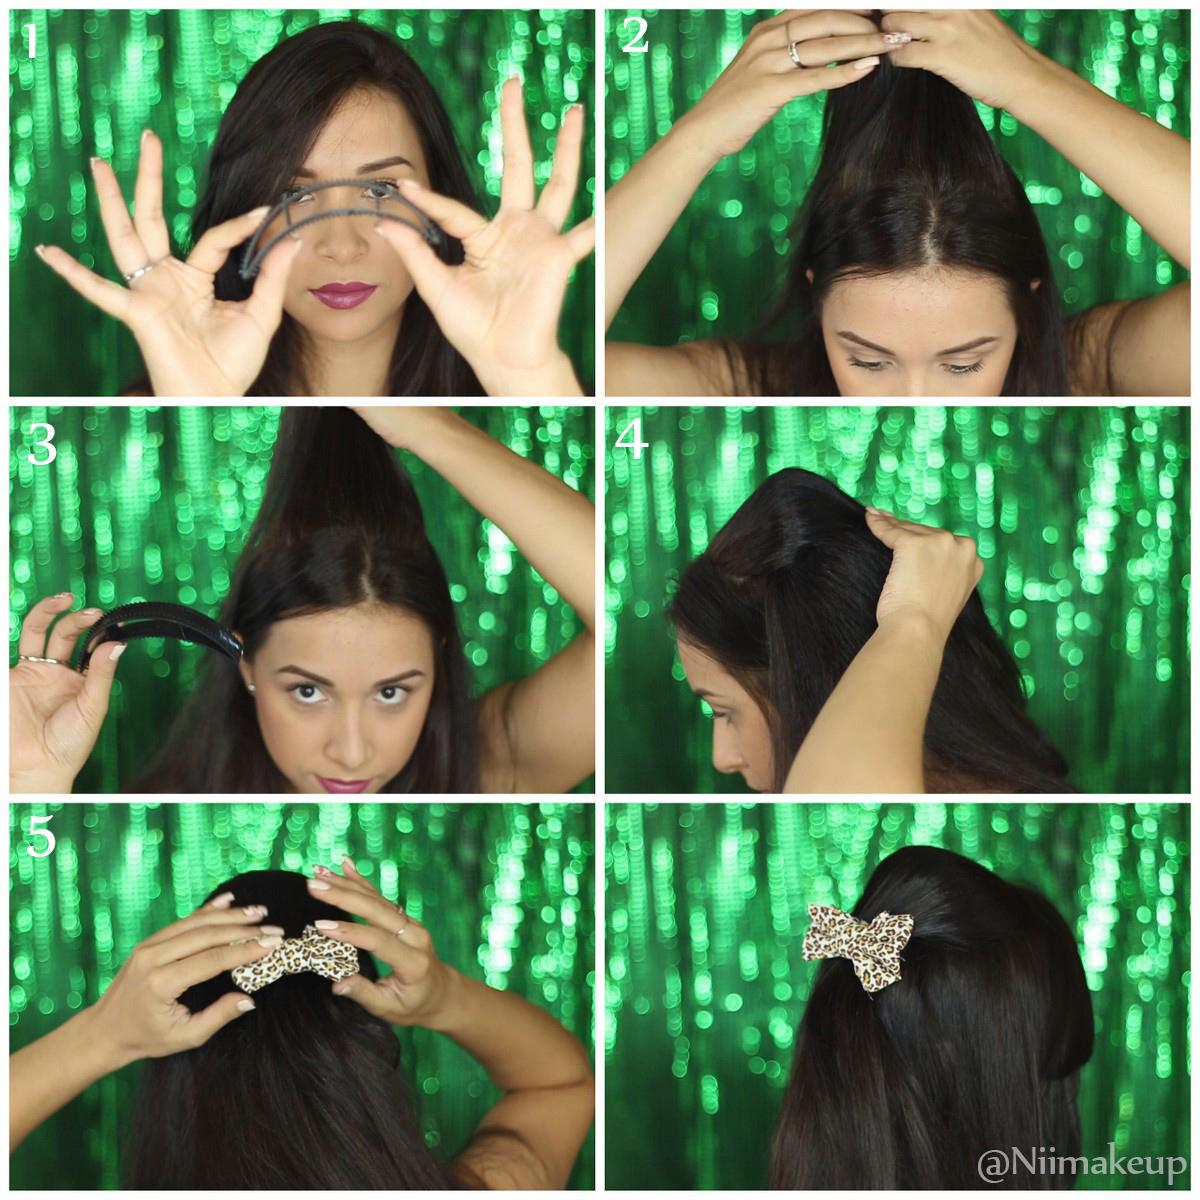 penteado com topete